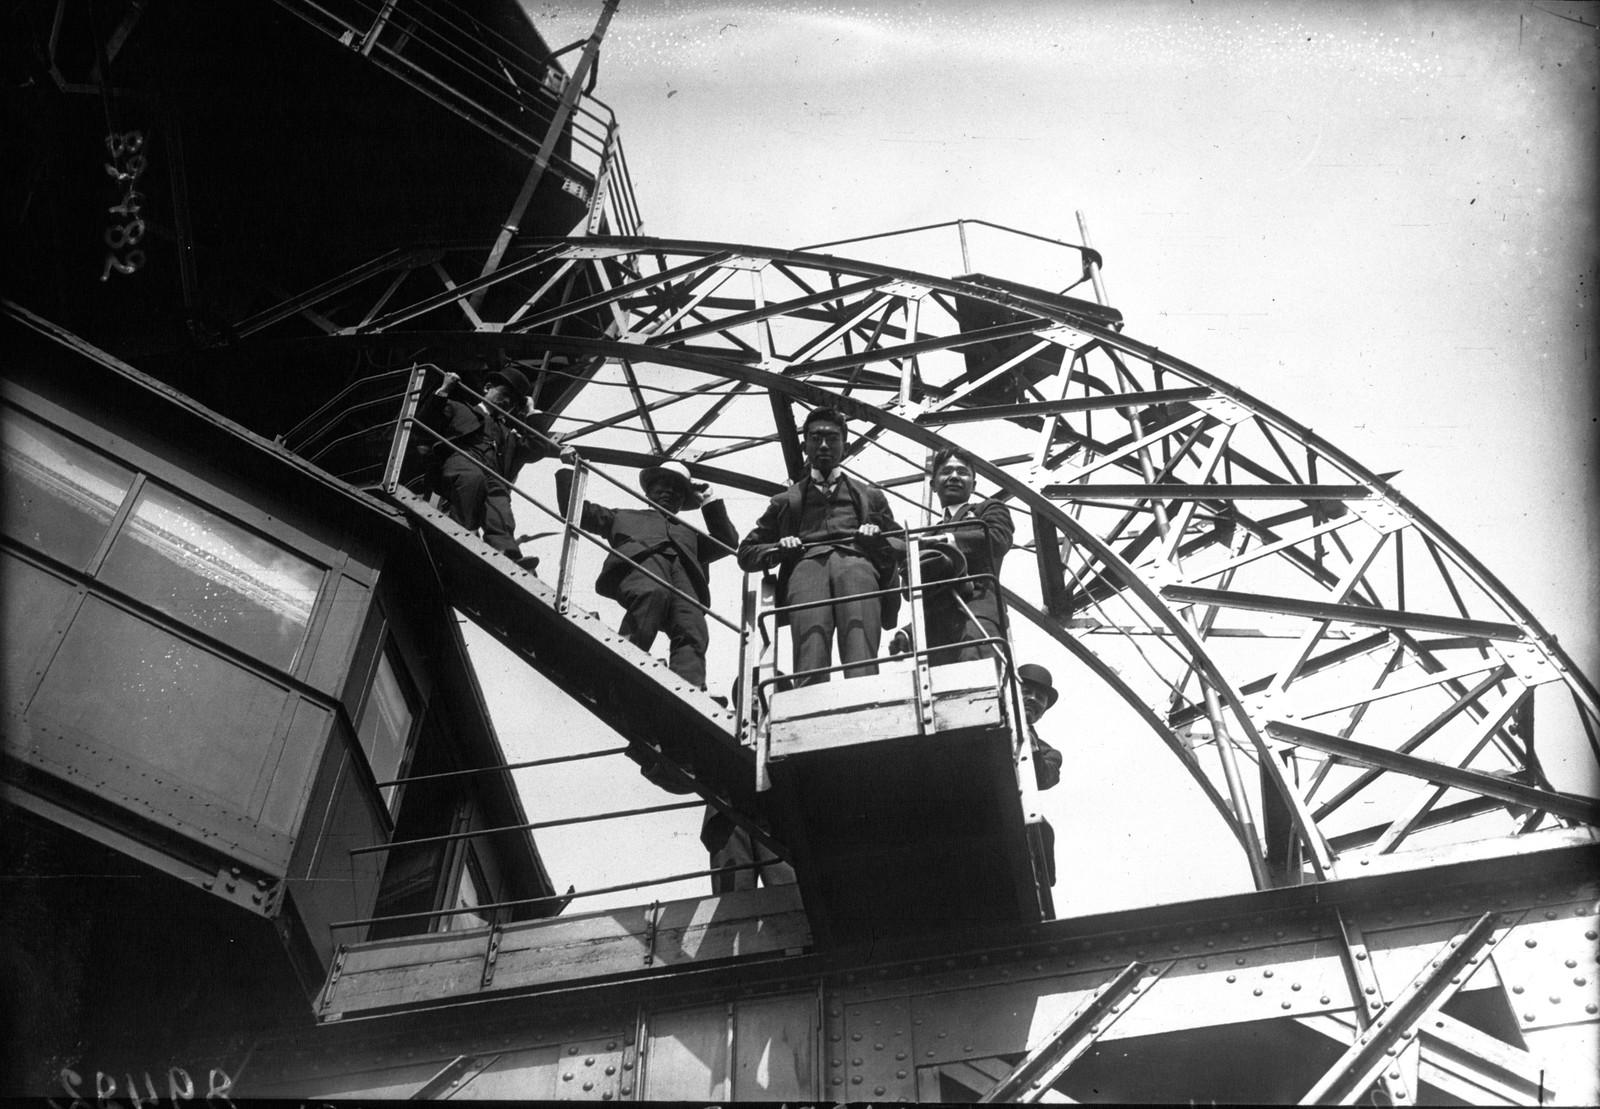 03. 1921. Посещение принцем Хирохито Эйфелевой башни. Принц на лестнице к третьей платформе